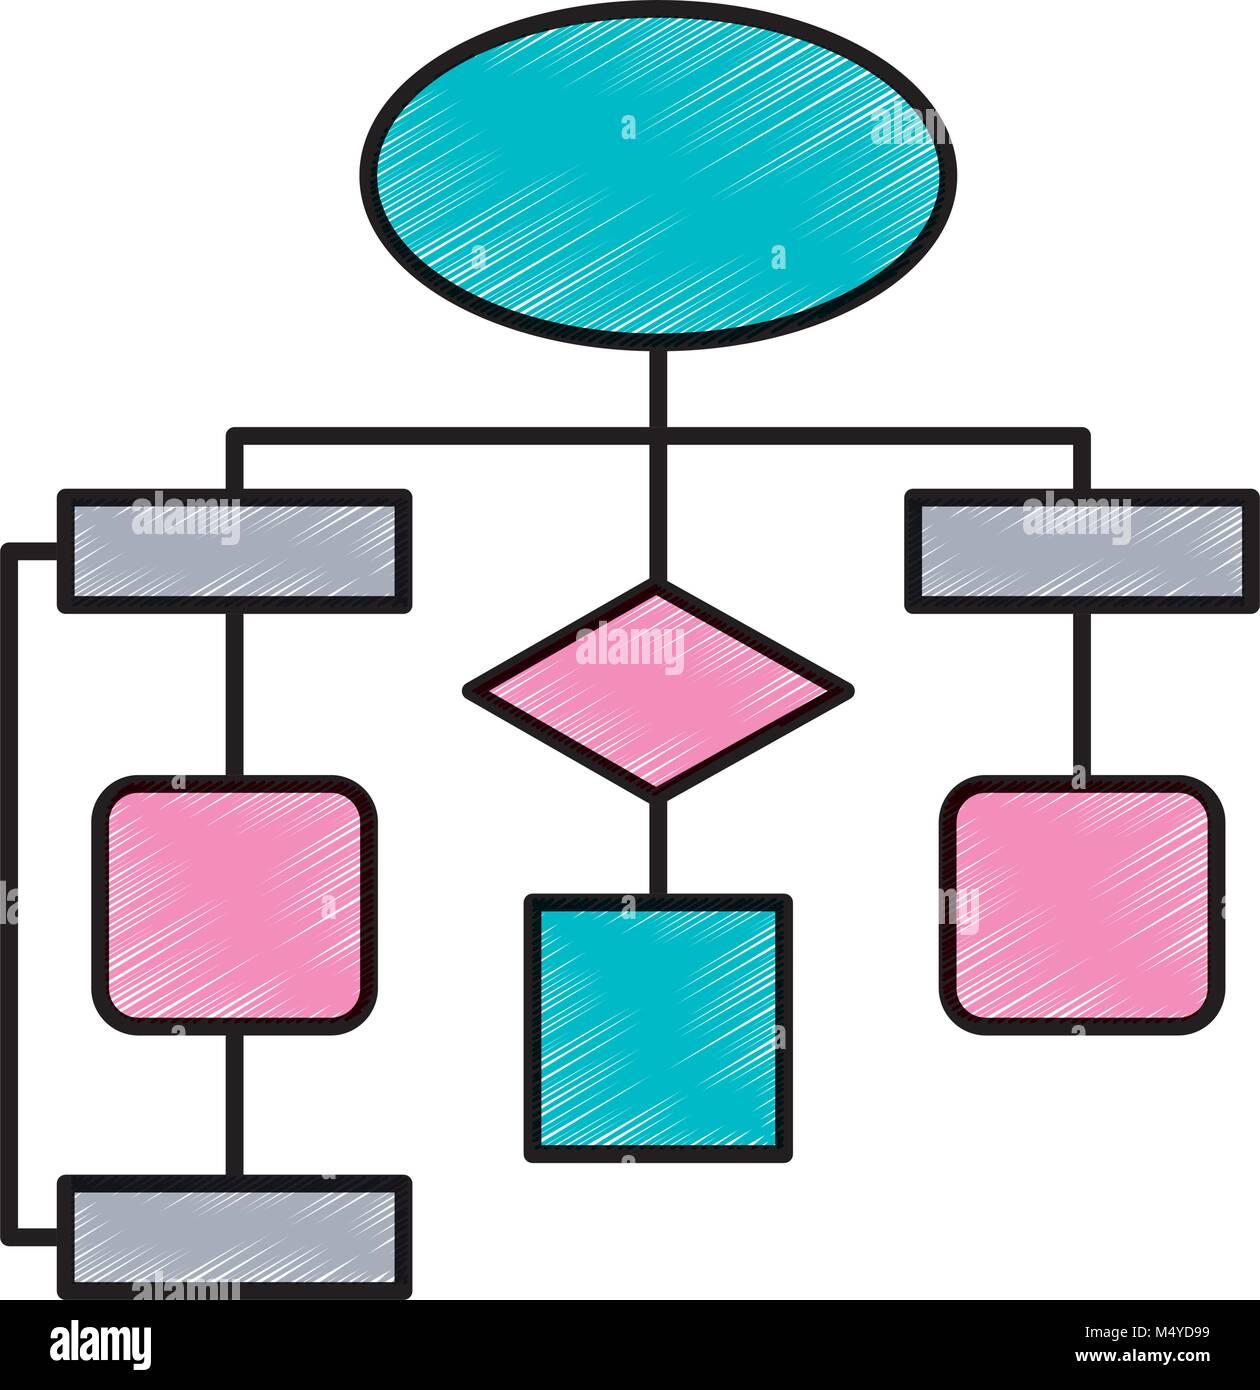 Diagrama de flujo diagrama de conexin vaco ilustracin del vector diagrama de flujo diagrama de conexin vaco ccuart Image collections